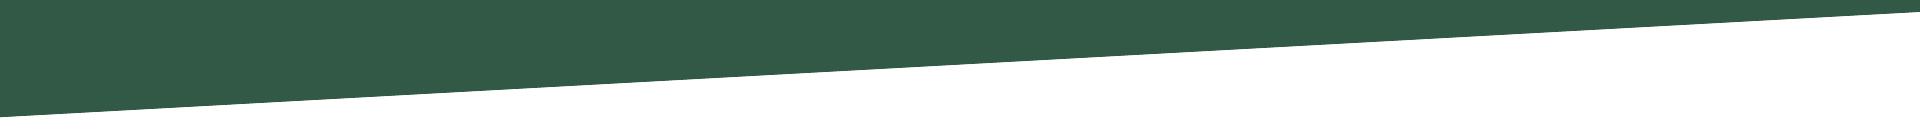 detalhe-layout-reflorestamento